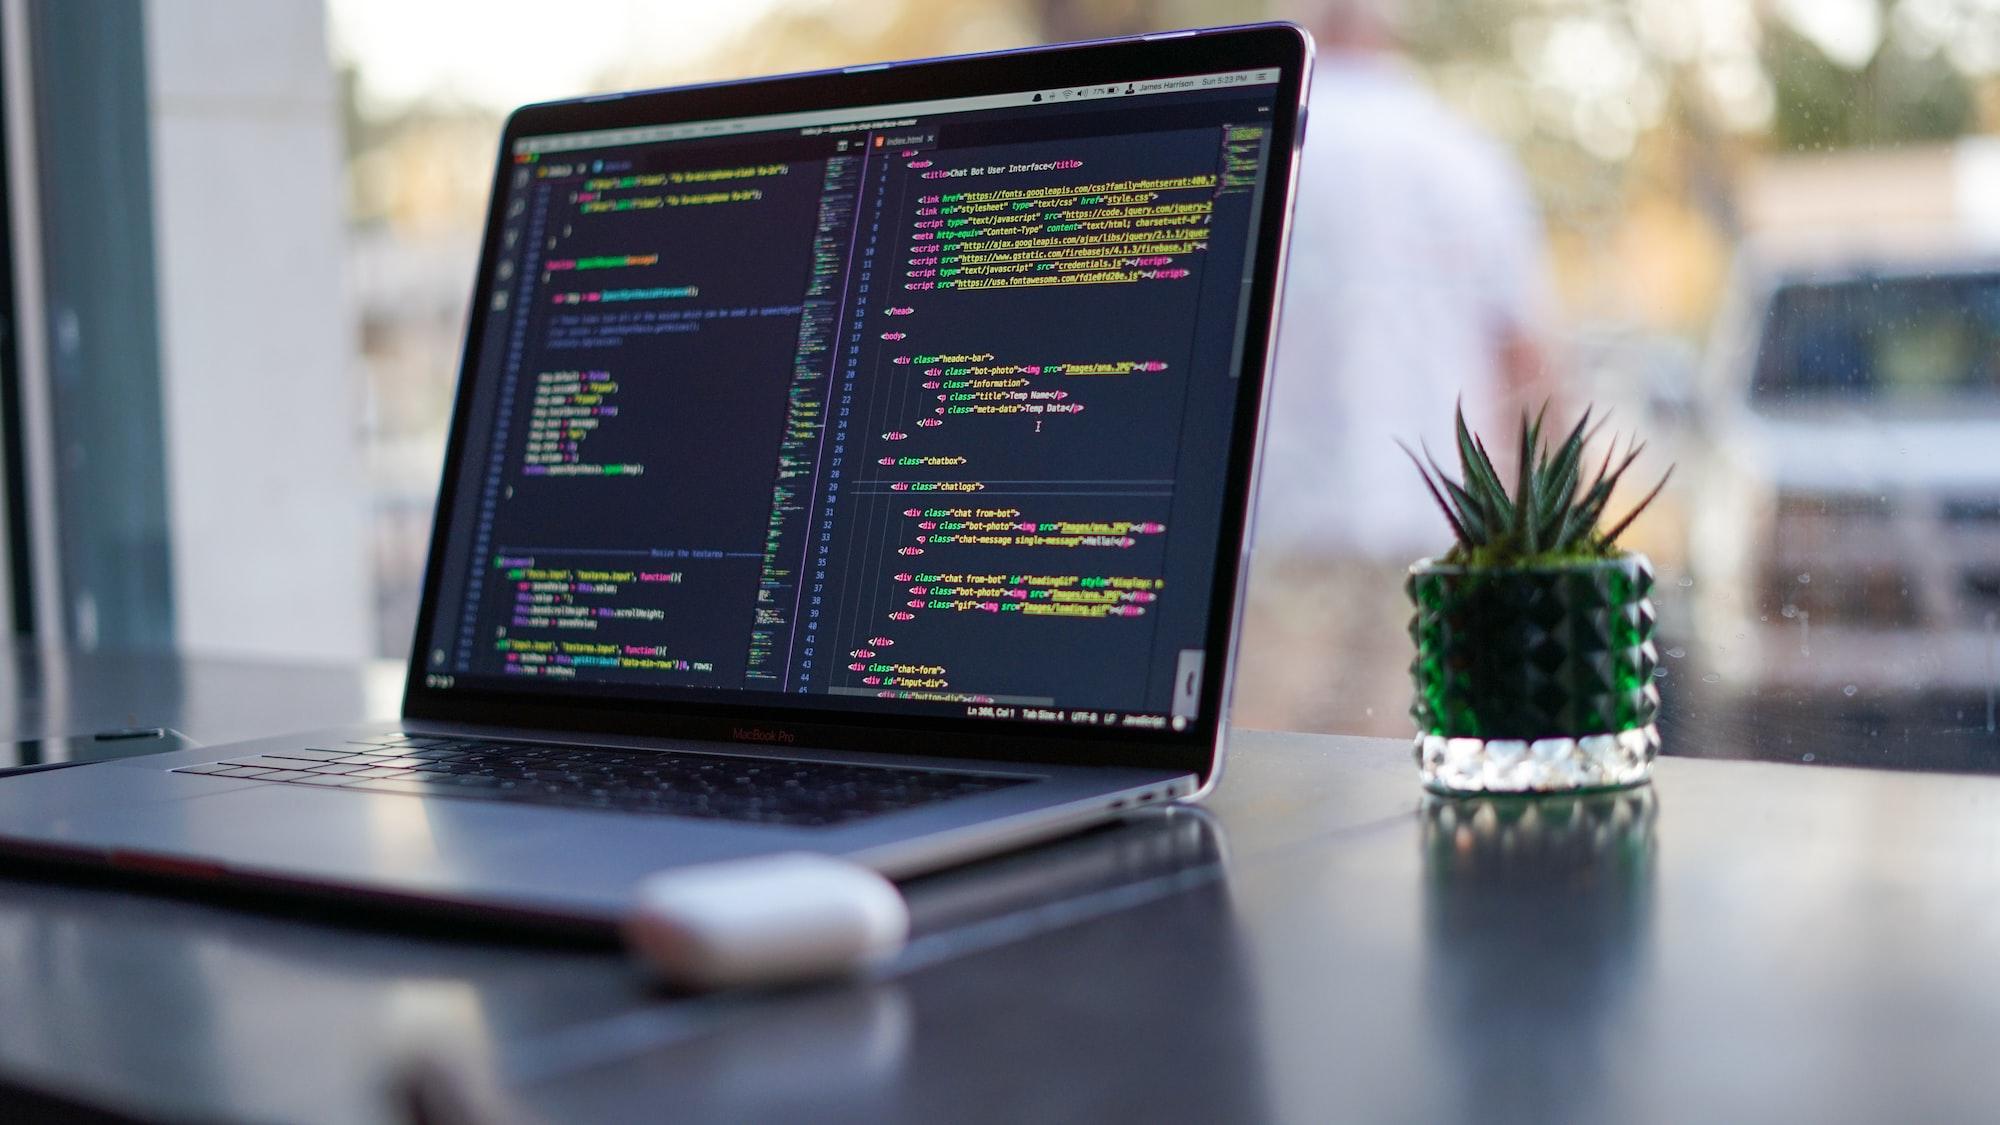 Comenzando a desarrollar con Go y Visual Studio Code